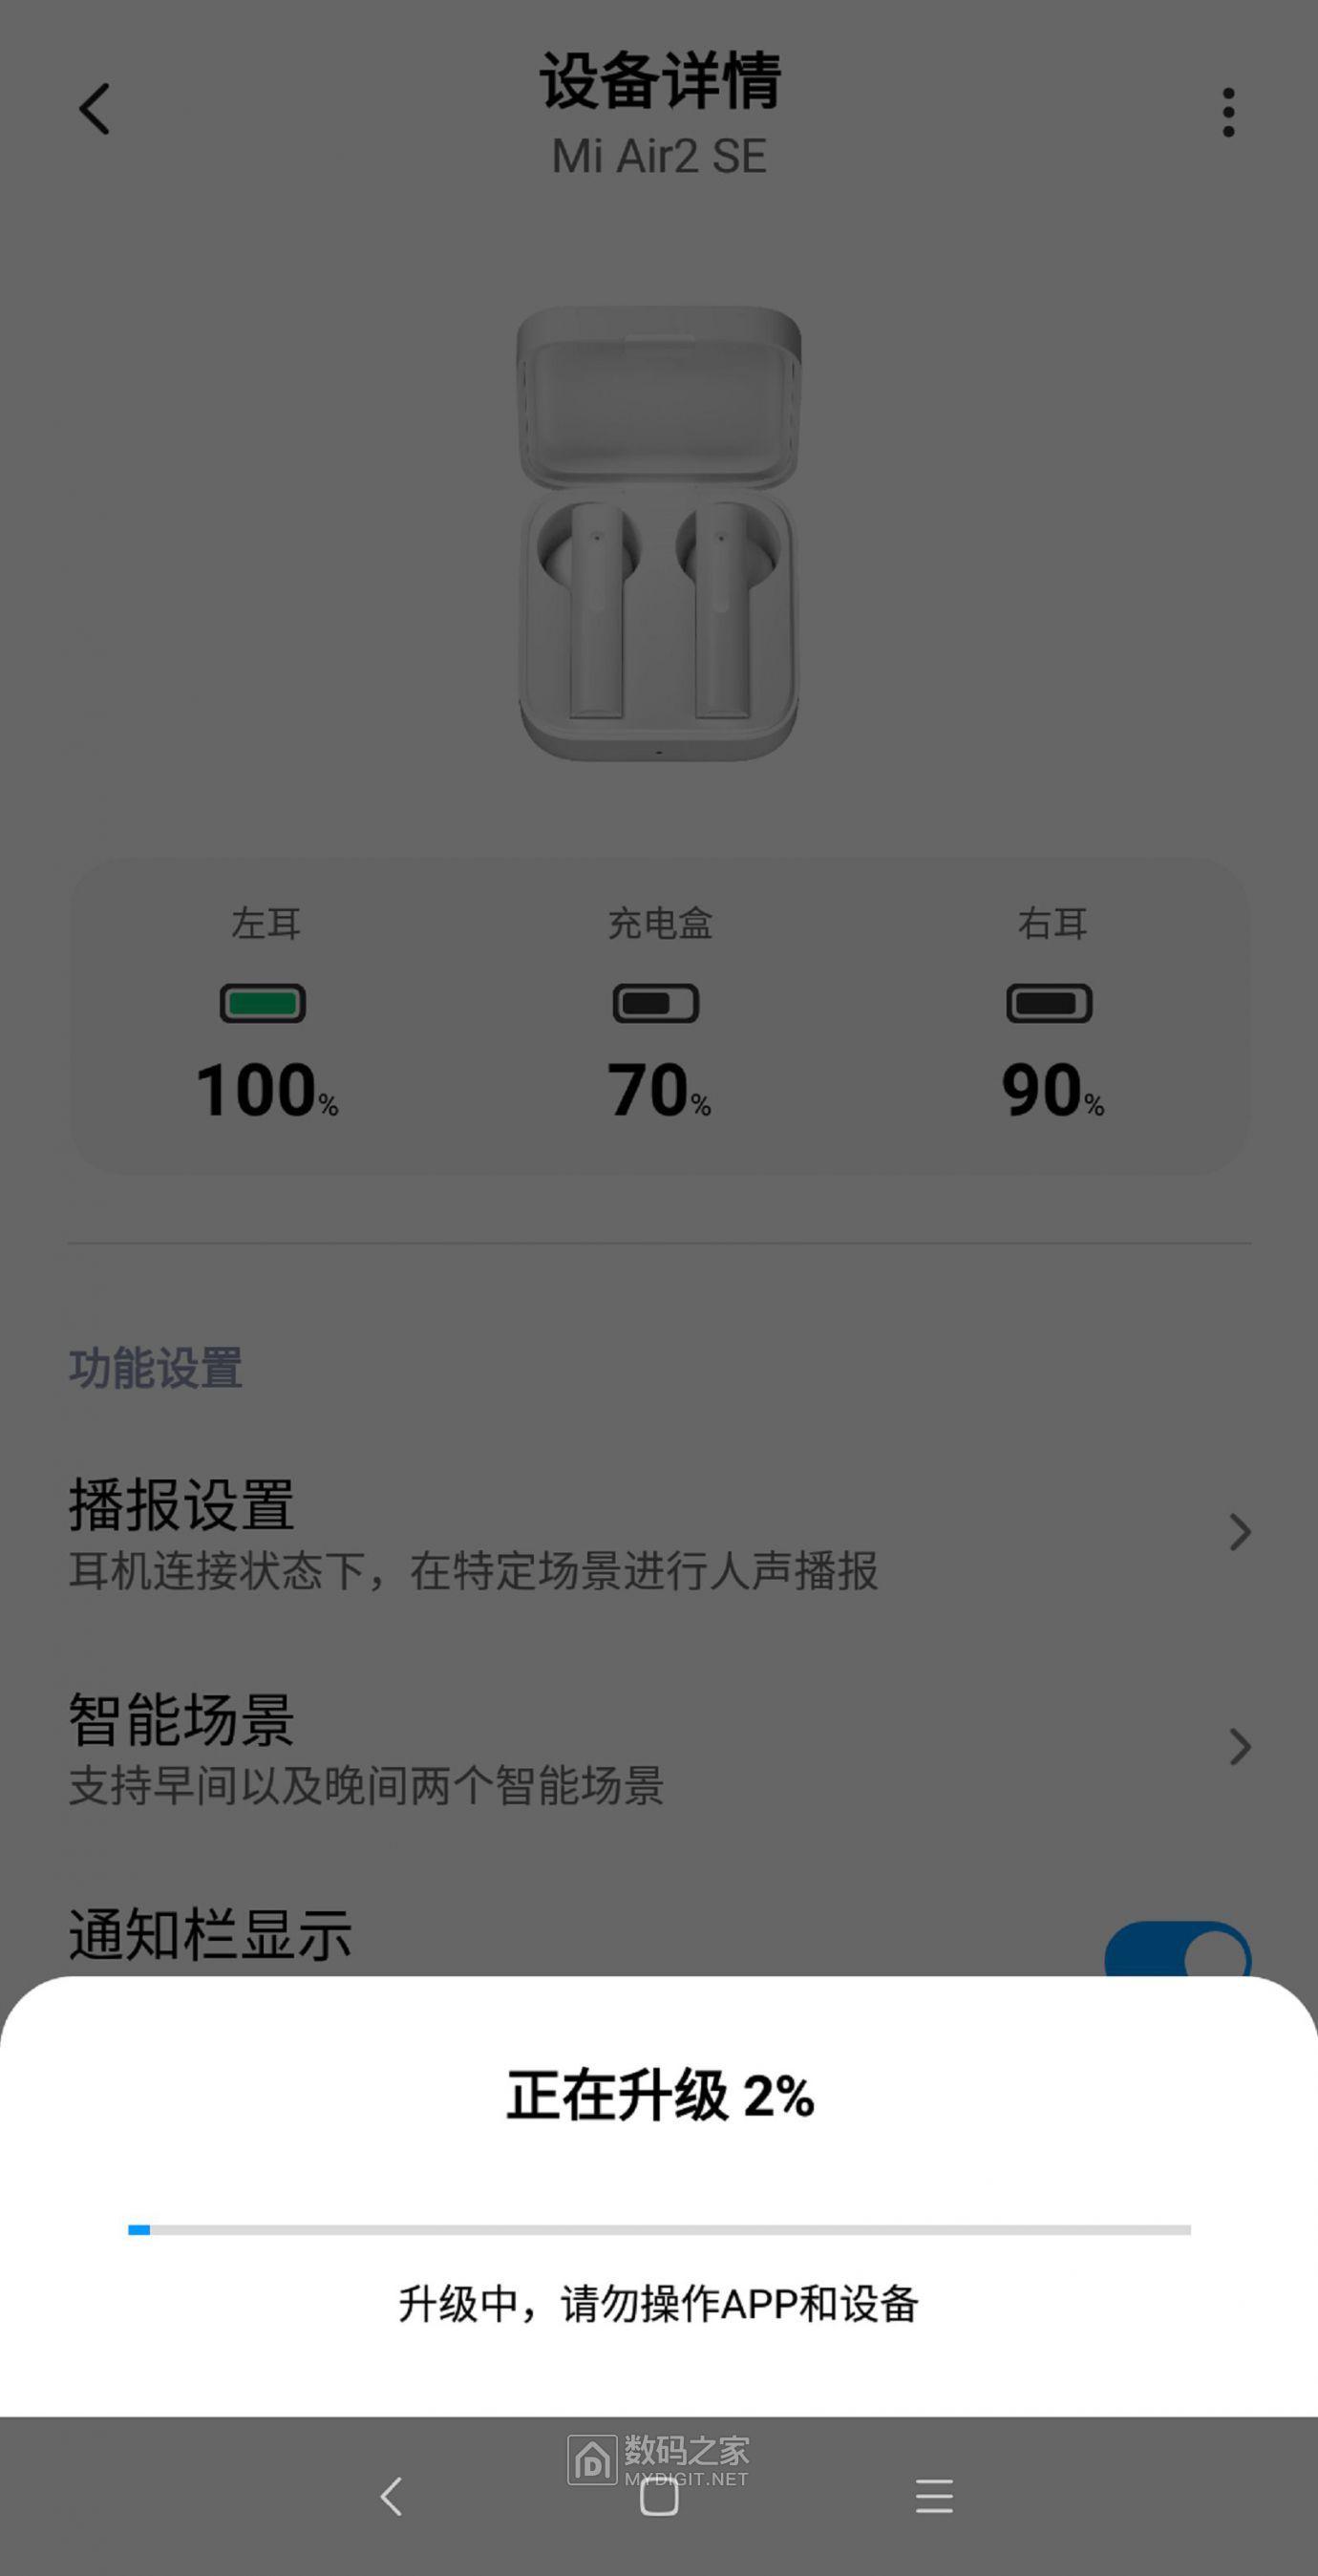 Screenshot_2021-04-16-20-14-58-594_com.xiaomi.xiaoailite.jpg